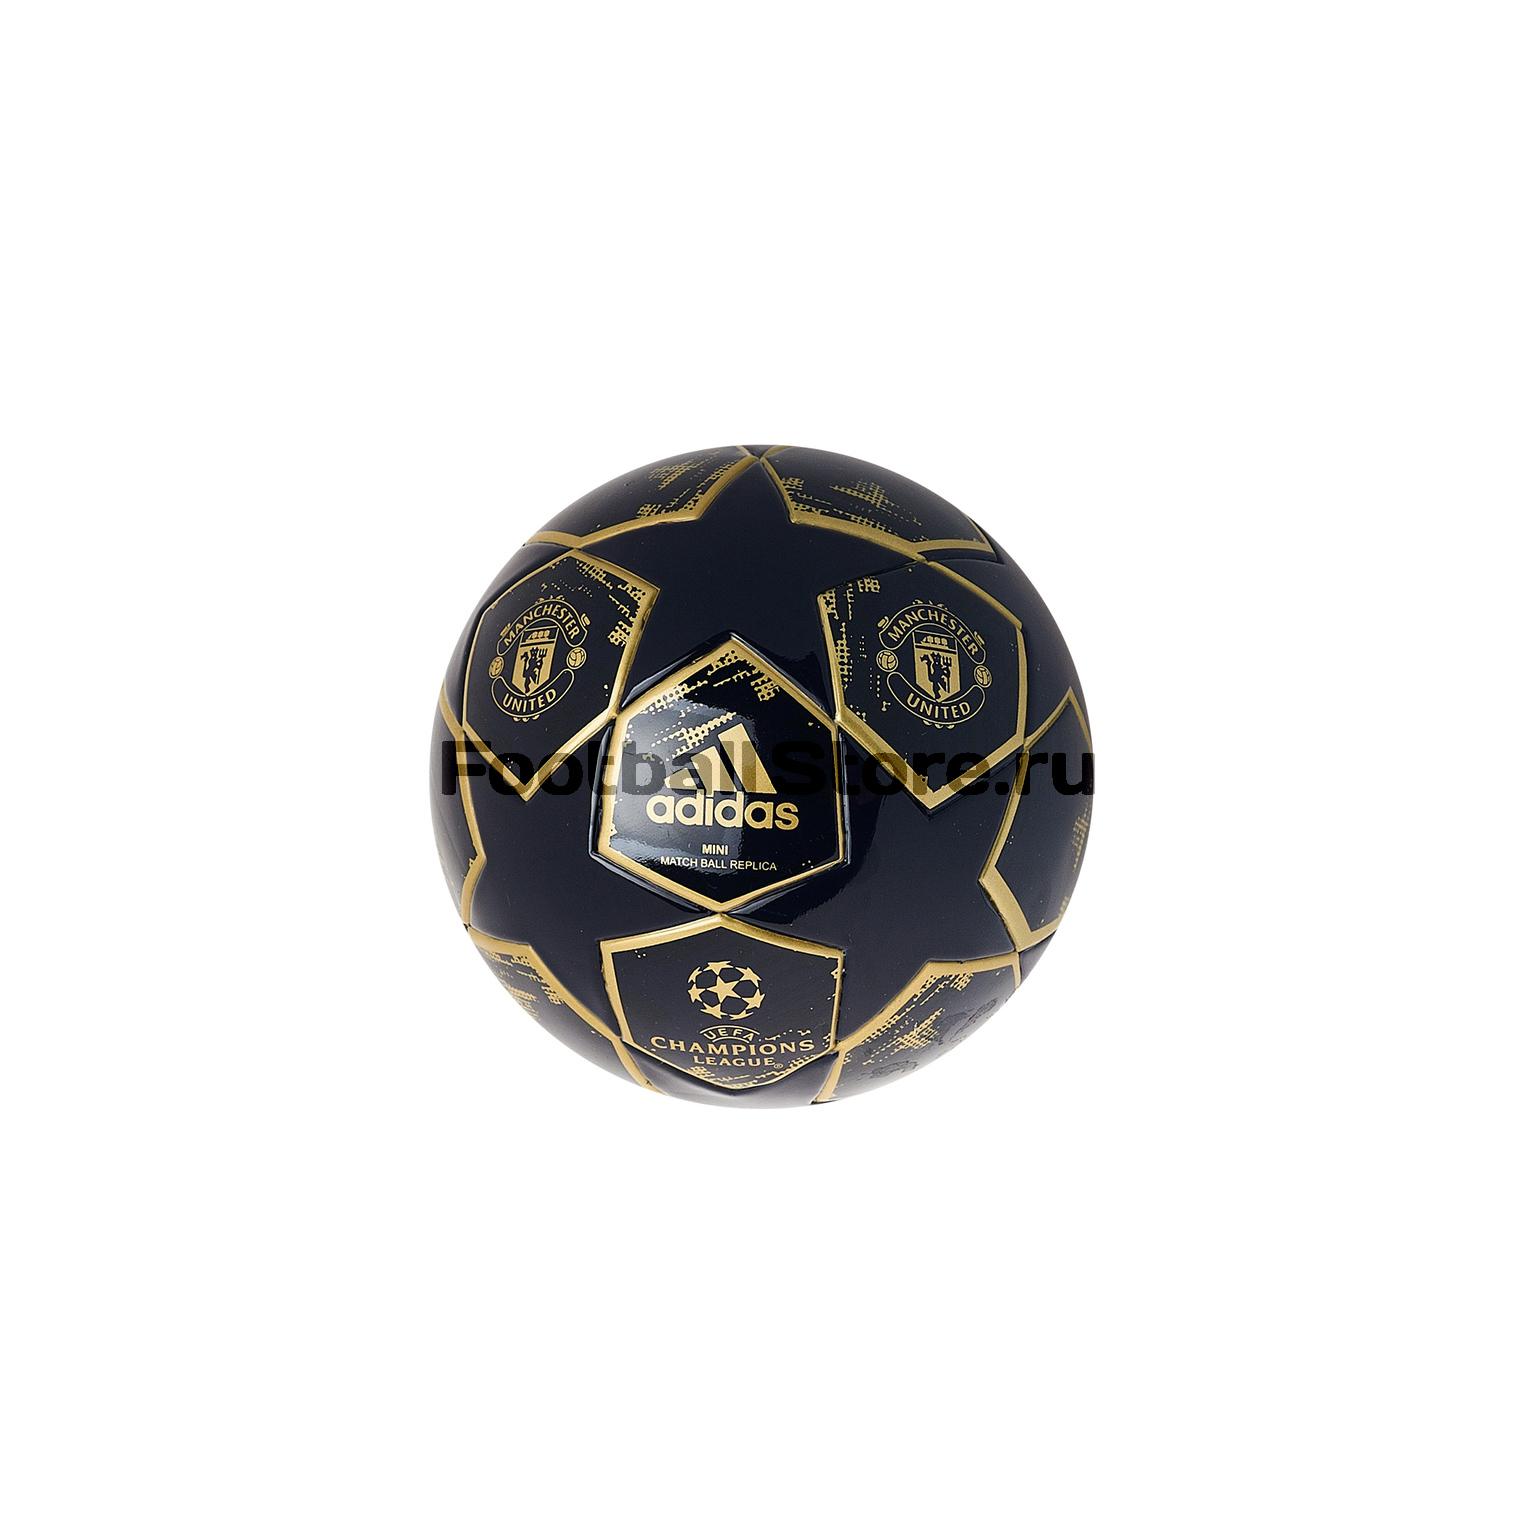 Мяч сувенирный Adidas Manchester United CW4142 сумка adidas manchester united 2018 19